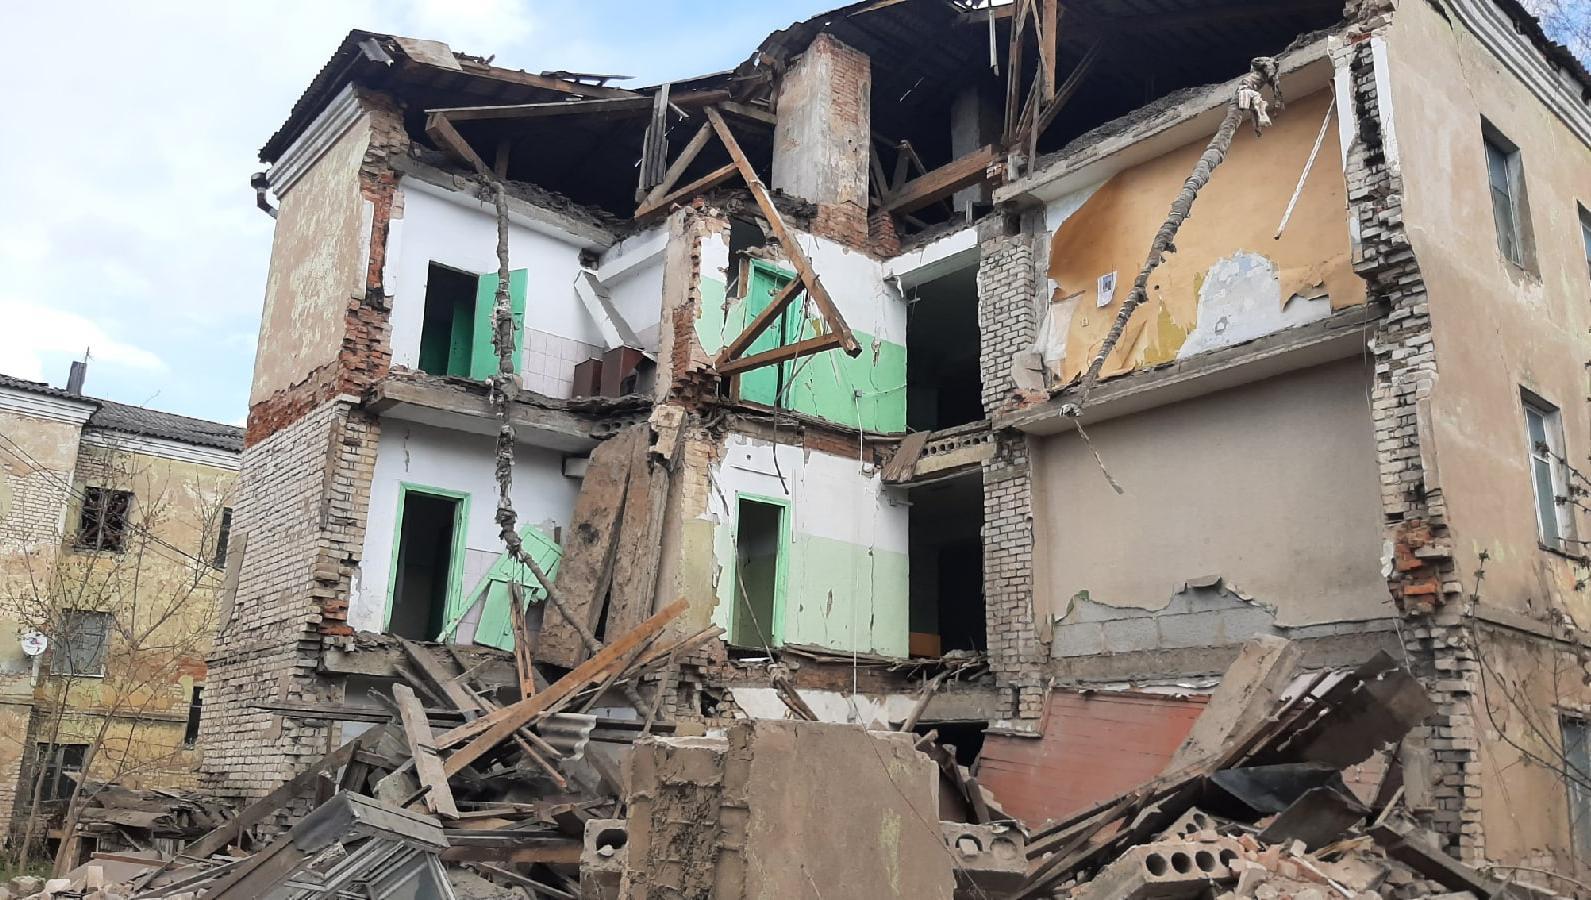 Ситуация с обрушением части нежилого здания в Ржеве находится на контроле